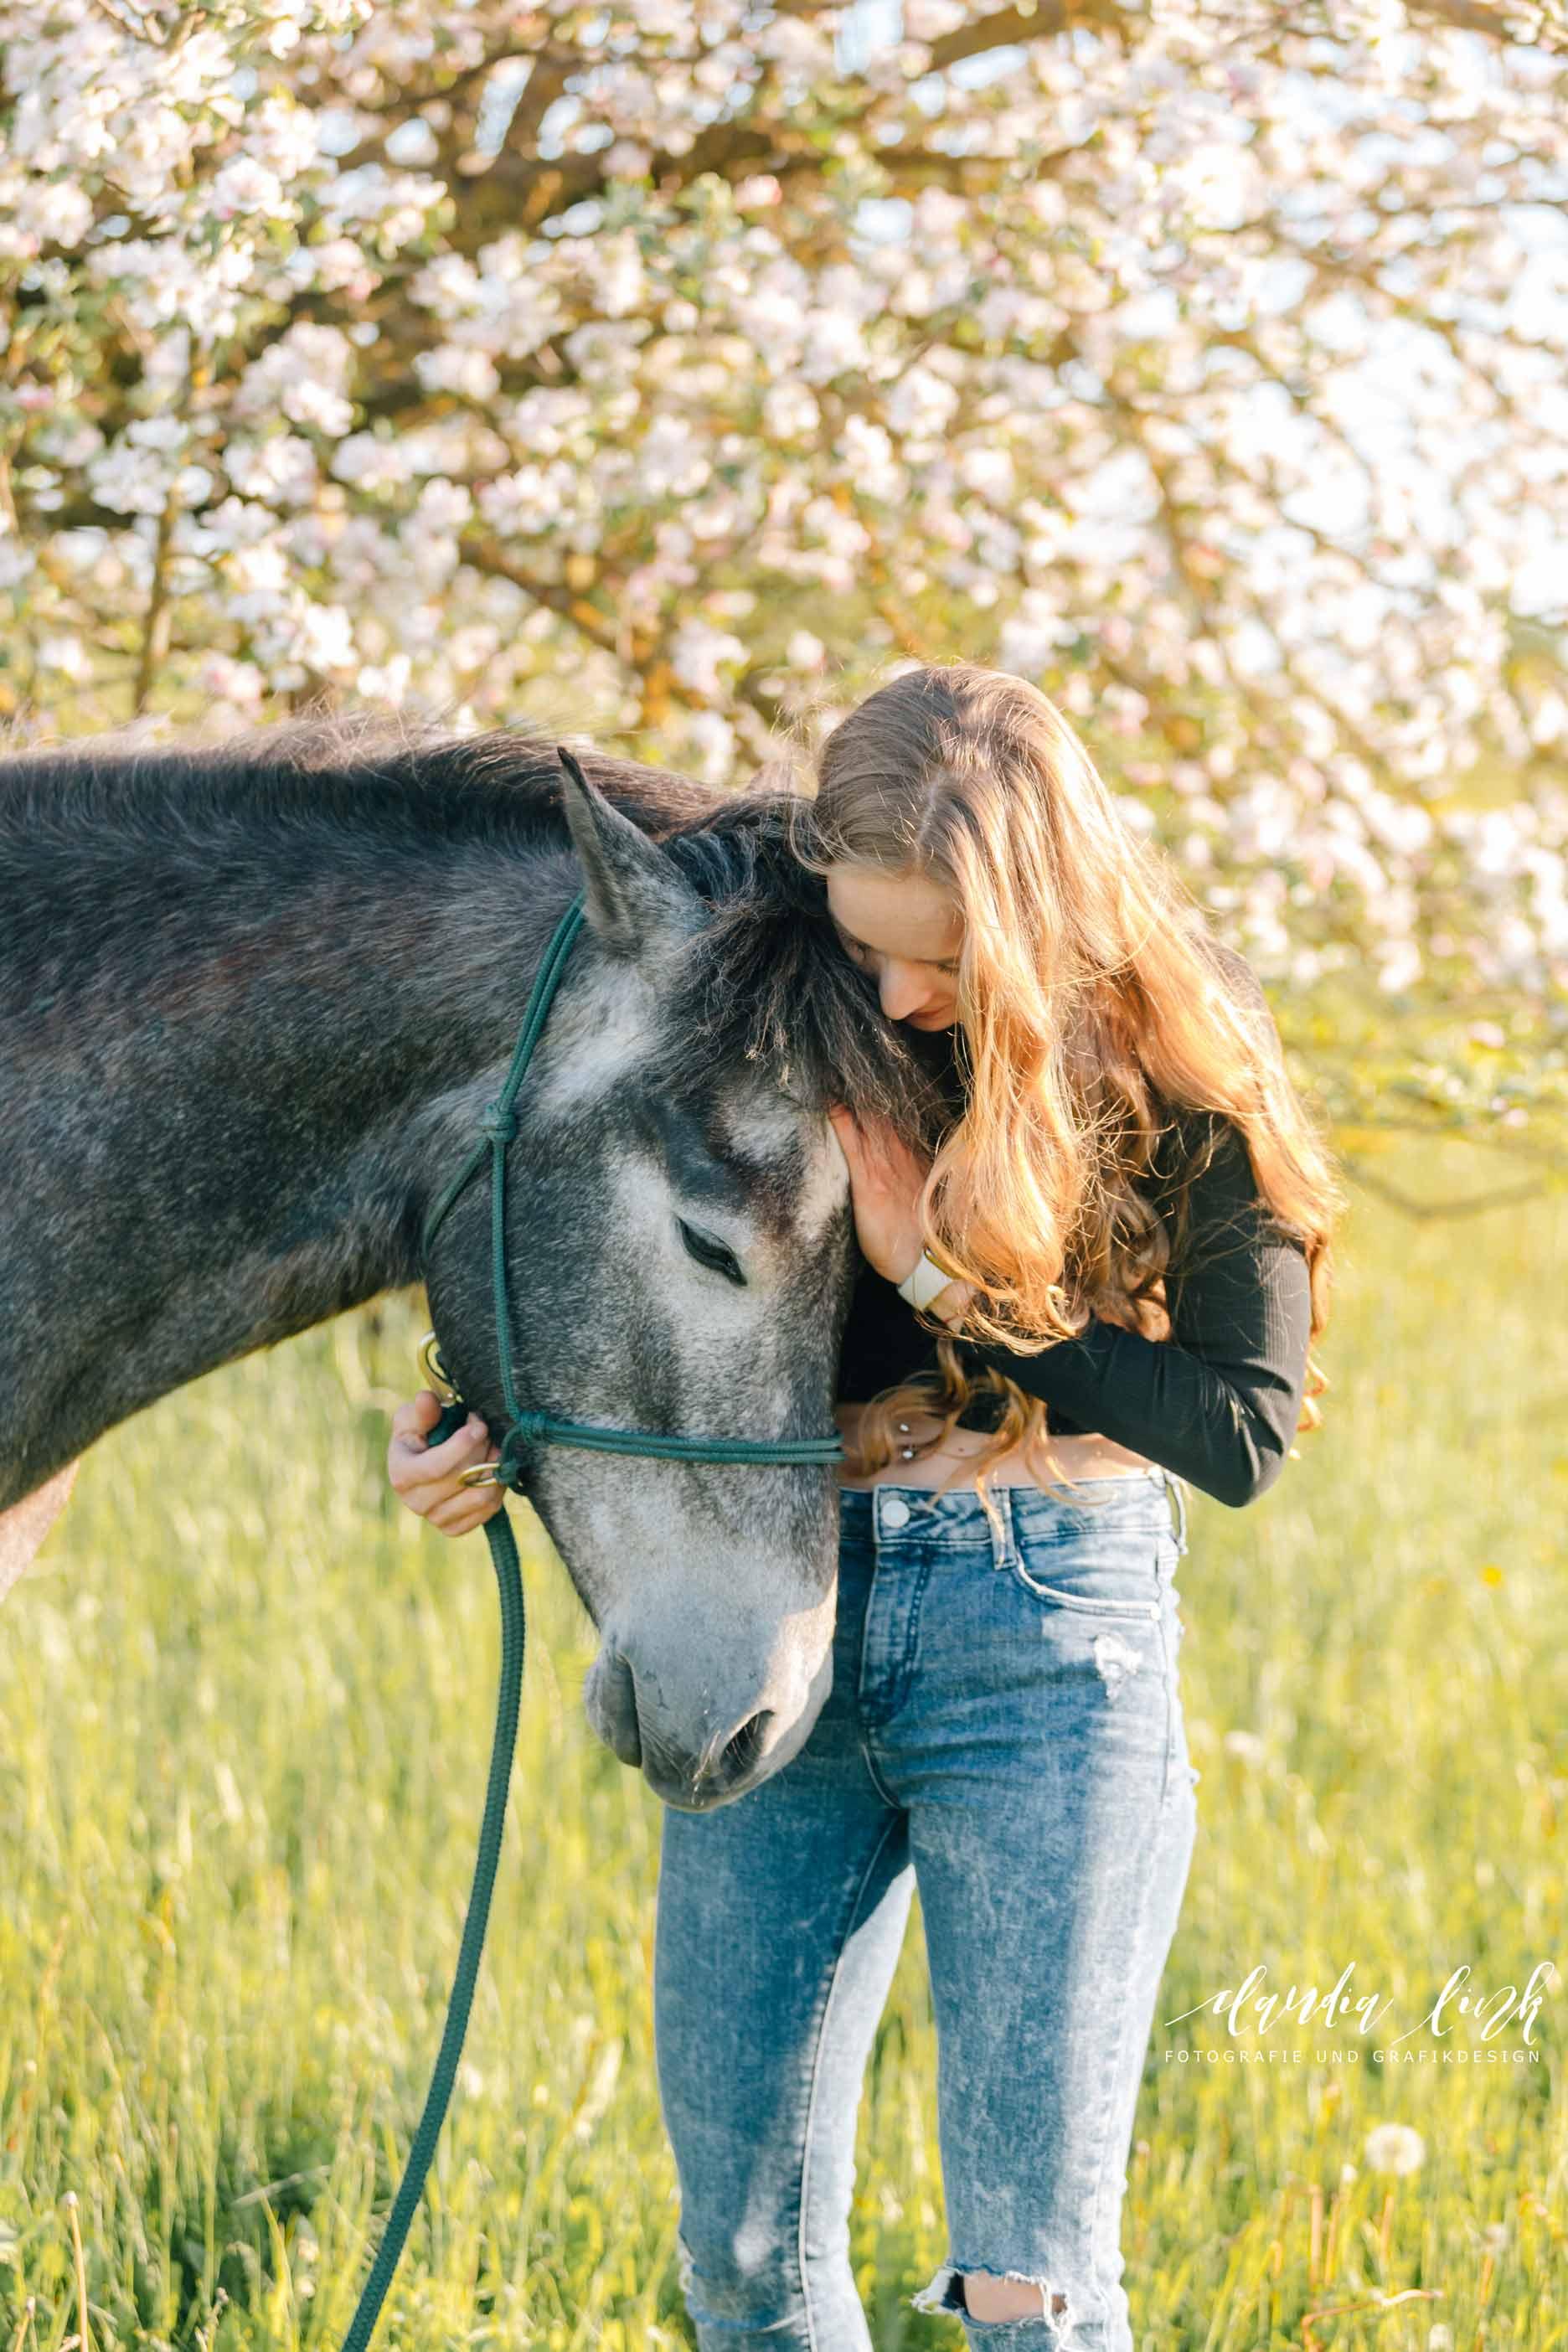 Sommerliches Pferdeshooting bei Sonnenuntergang IMG 8280w